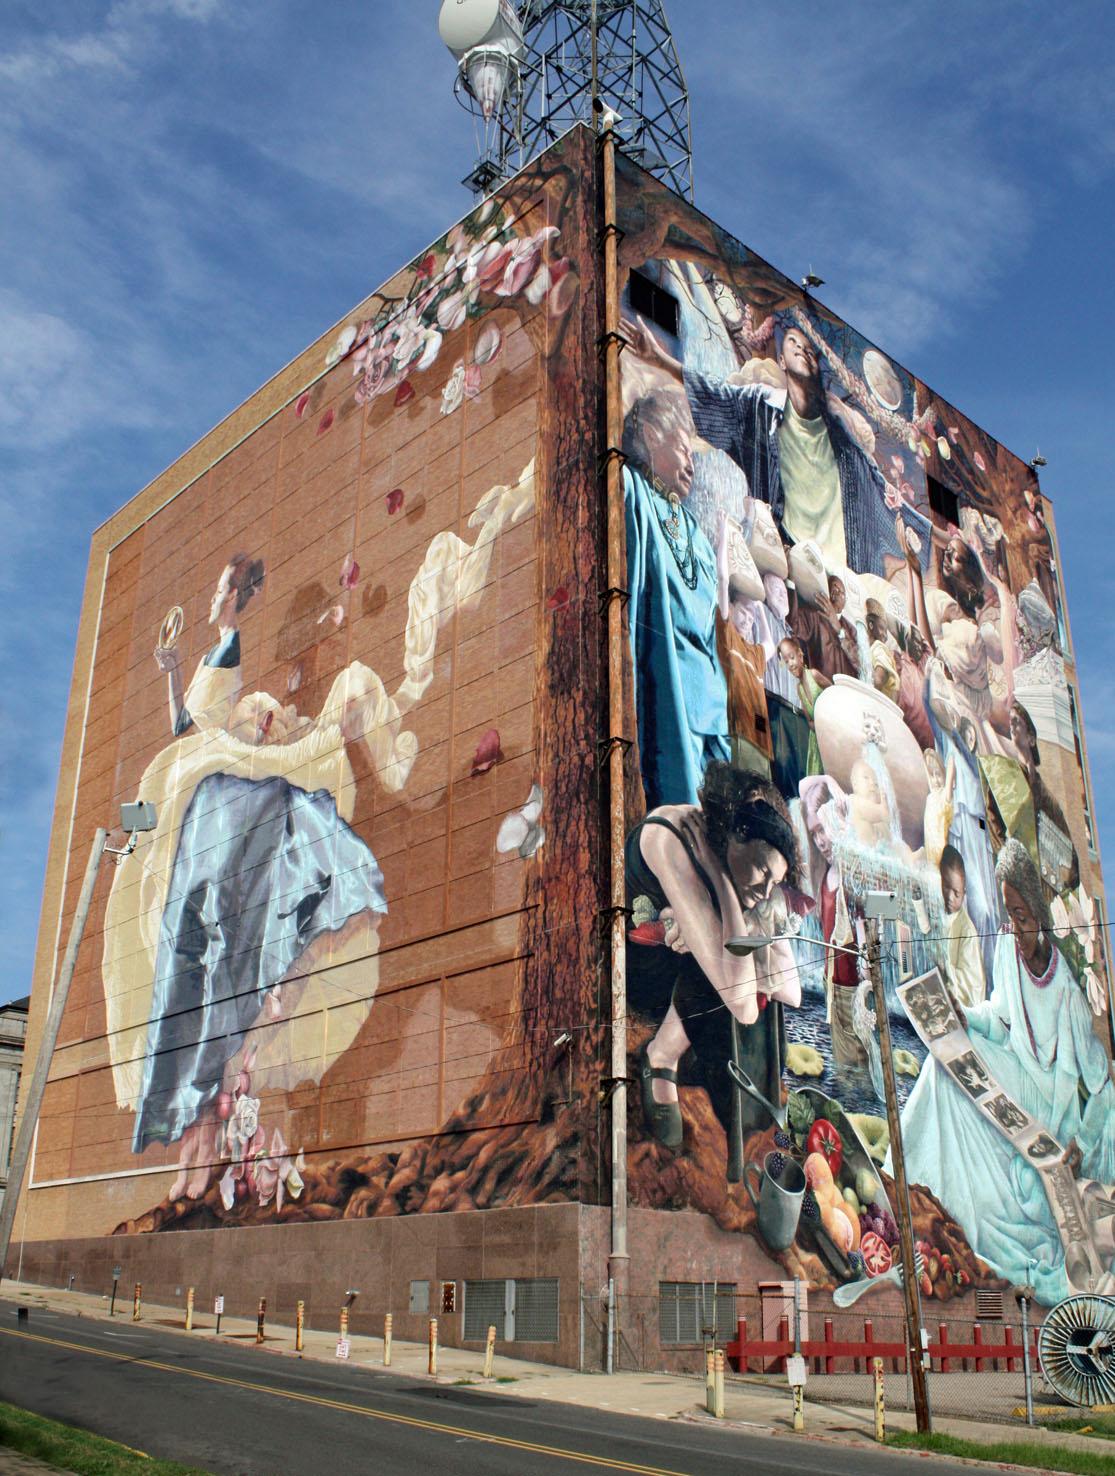 Southern lagniappe shreveport lagniappe for Mural on building